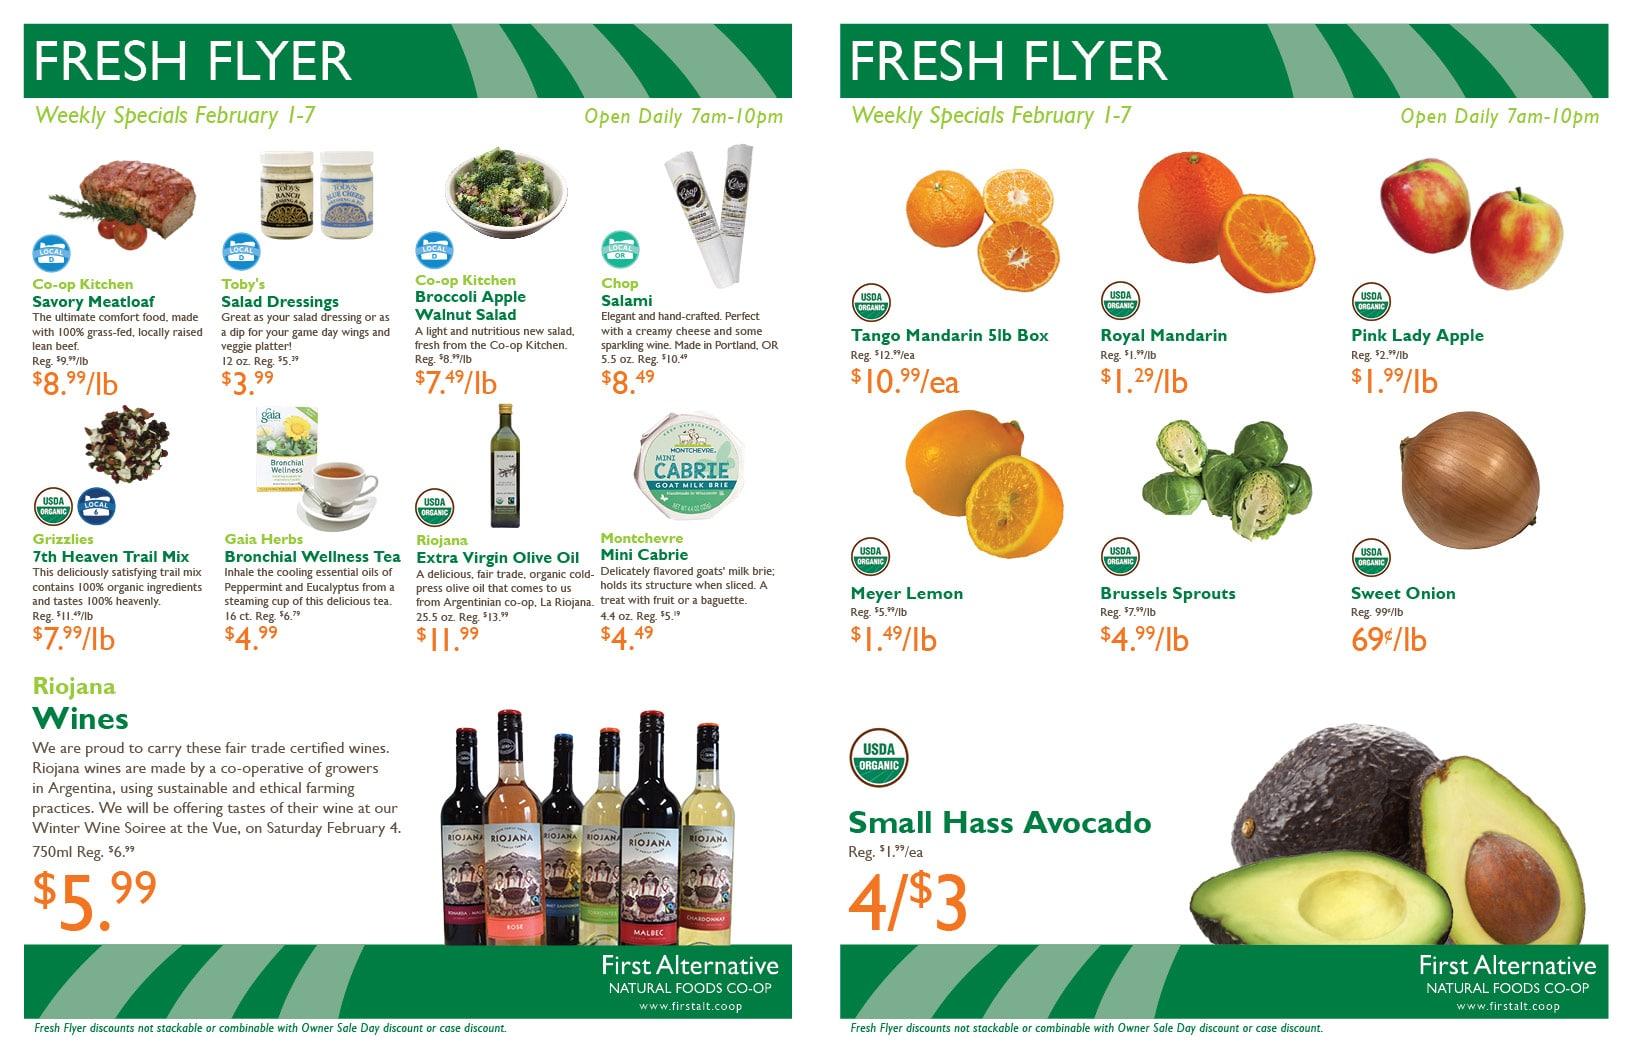 First Alternative Fresh Flyer Feb 1-7